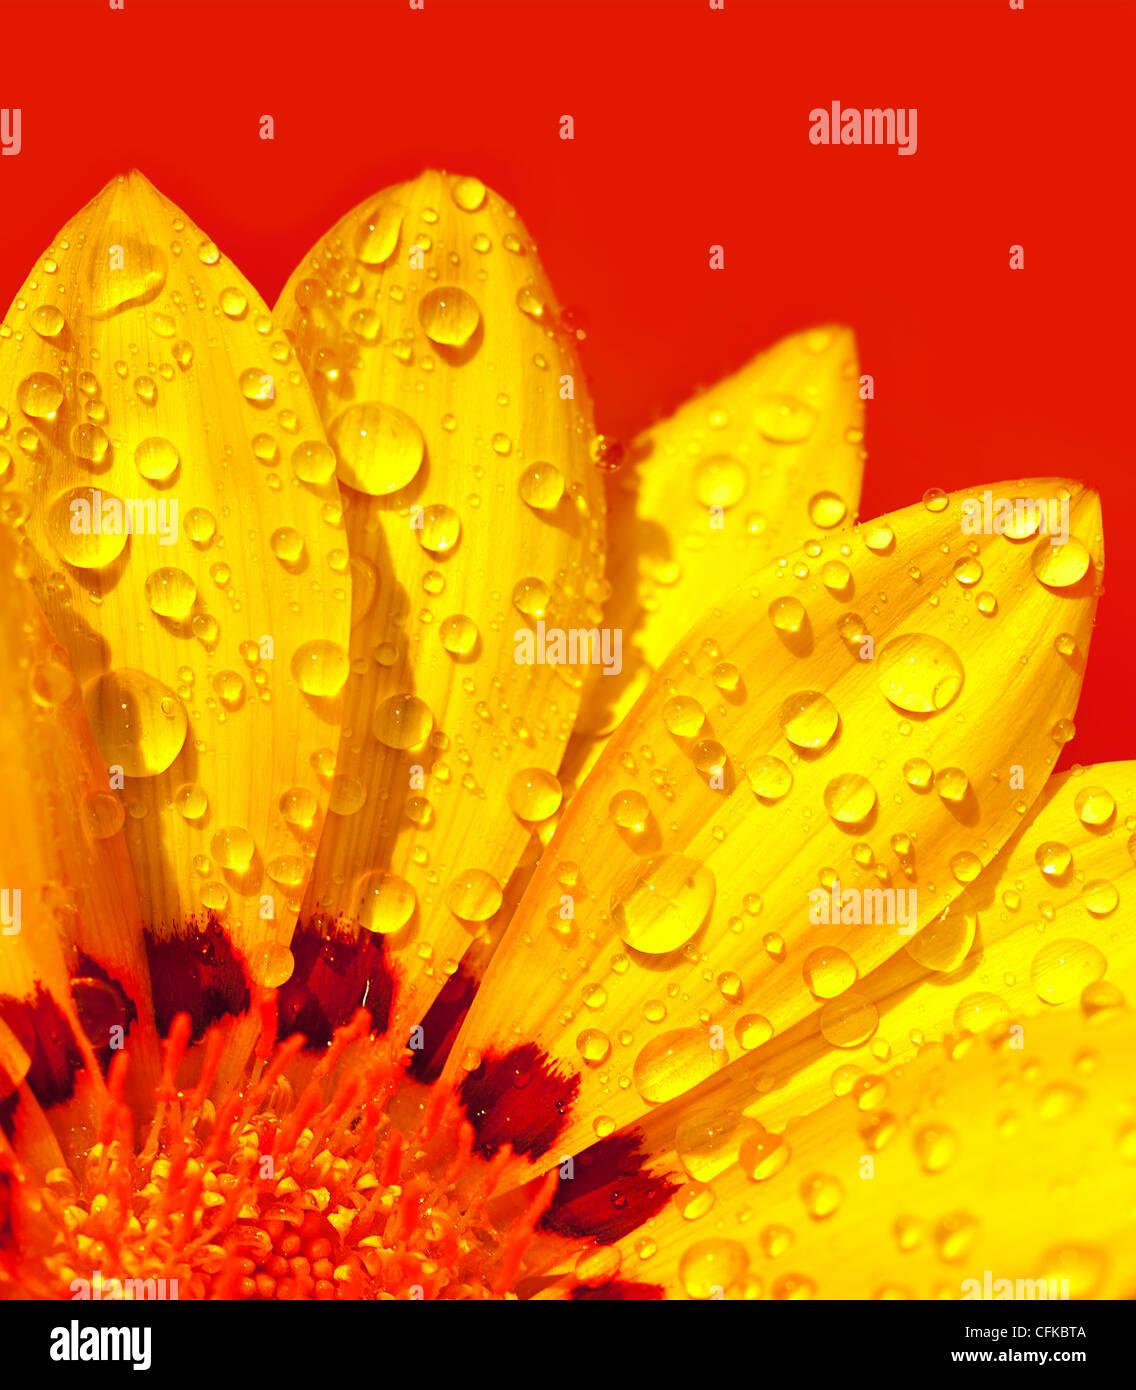 Abstract bel fiore, colorato sfondo floreale , umido giallo petali di frontiera, daisy impianto su rosso , la natura a molla Foto Stock